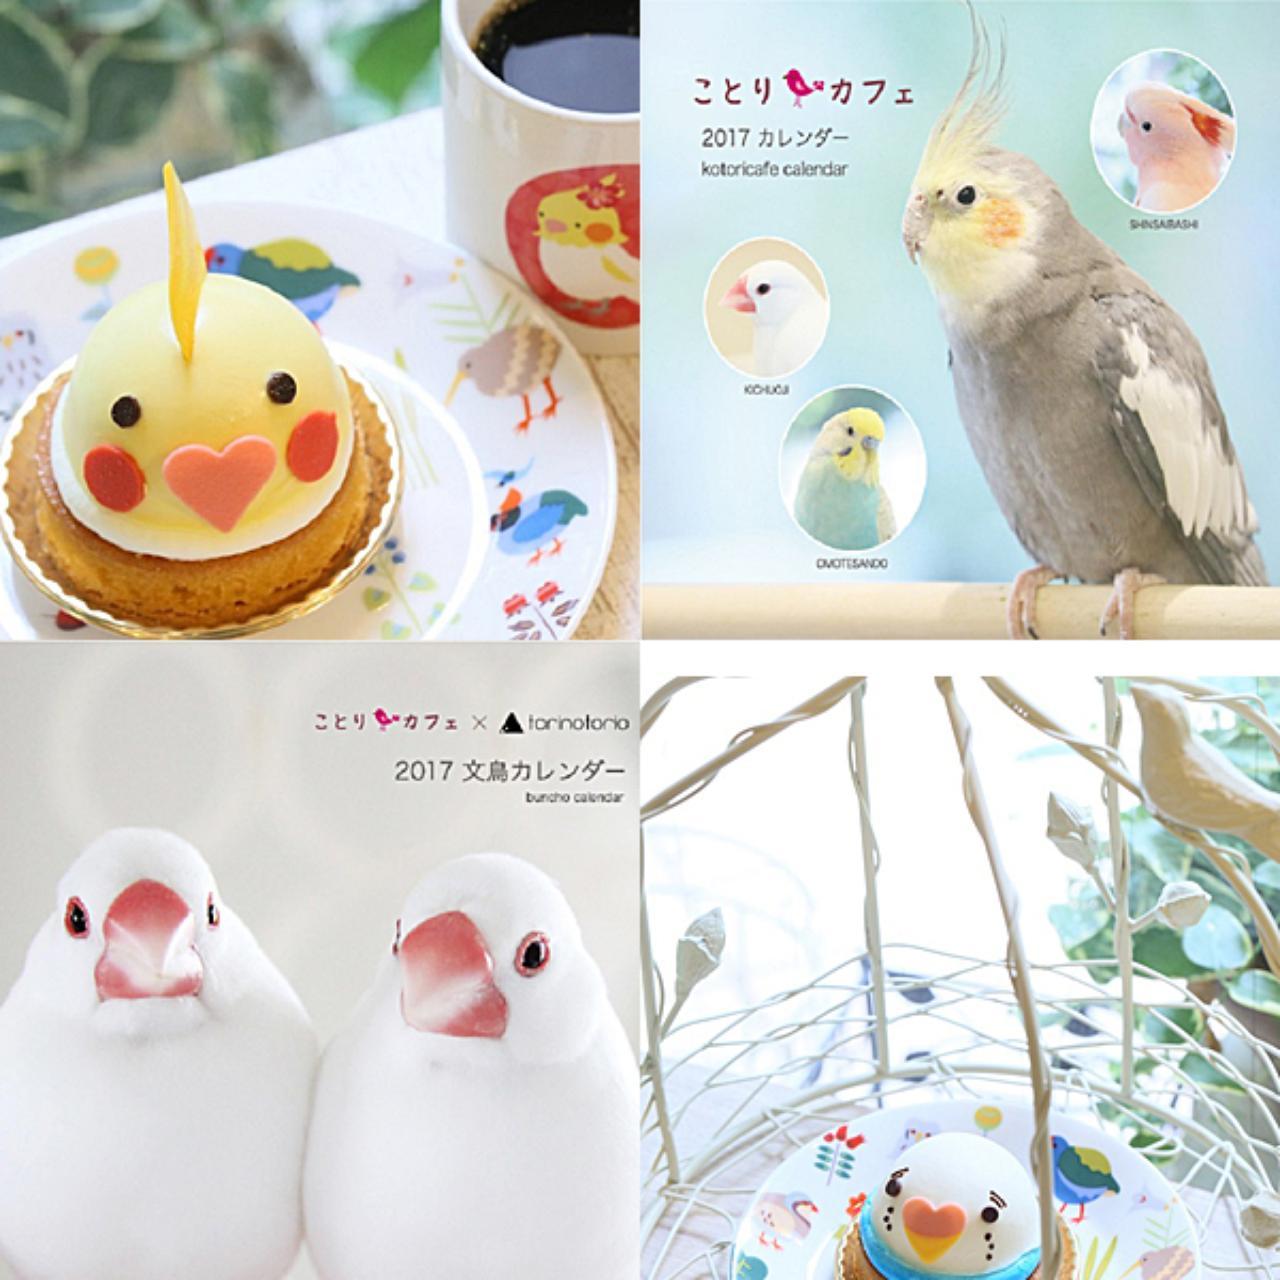 画像: 撮影希望!小鳥とスイーツ投稿で「ことりカフェ」写真部からプレゼント♪